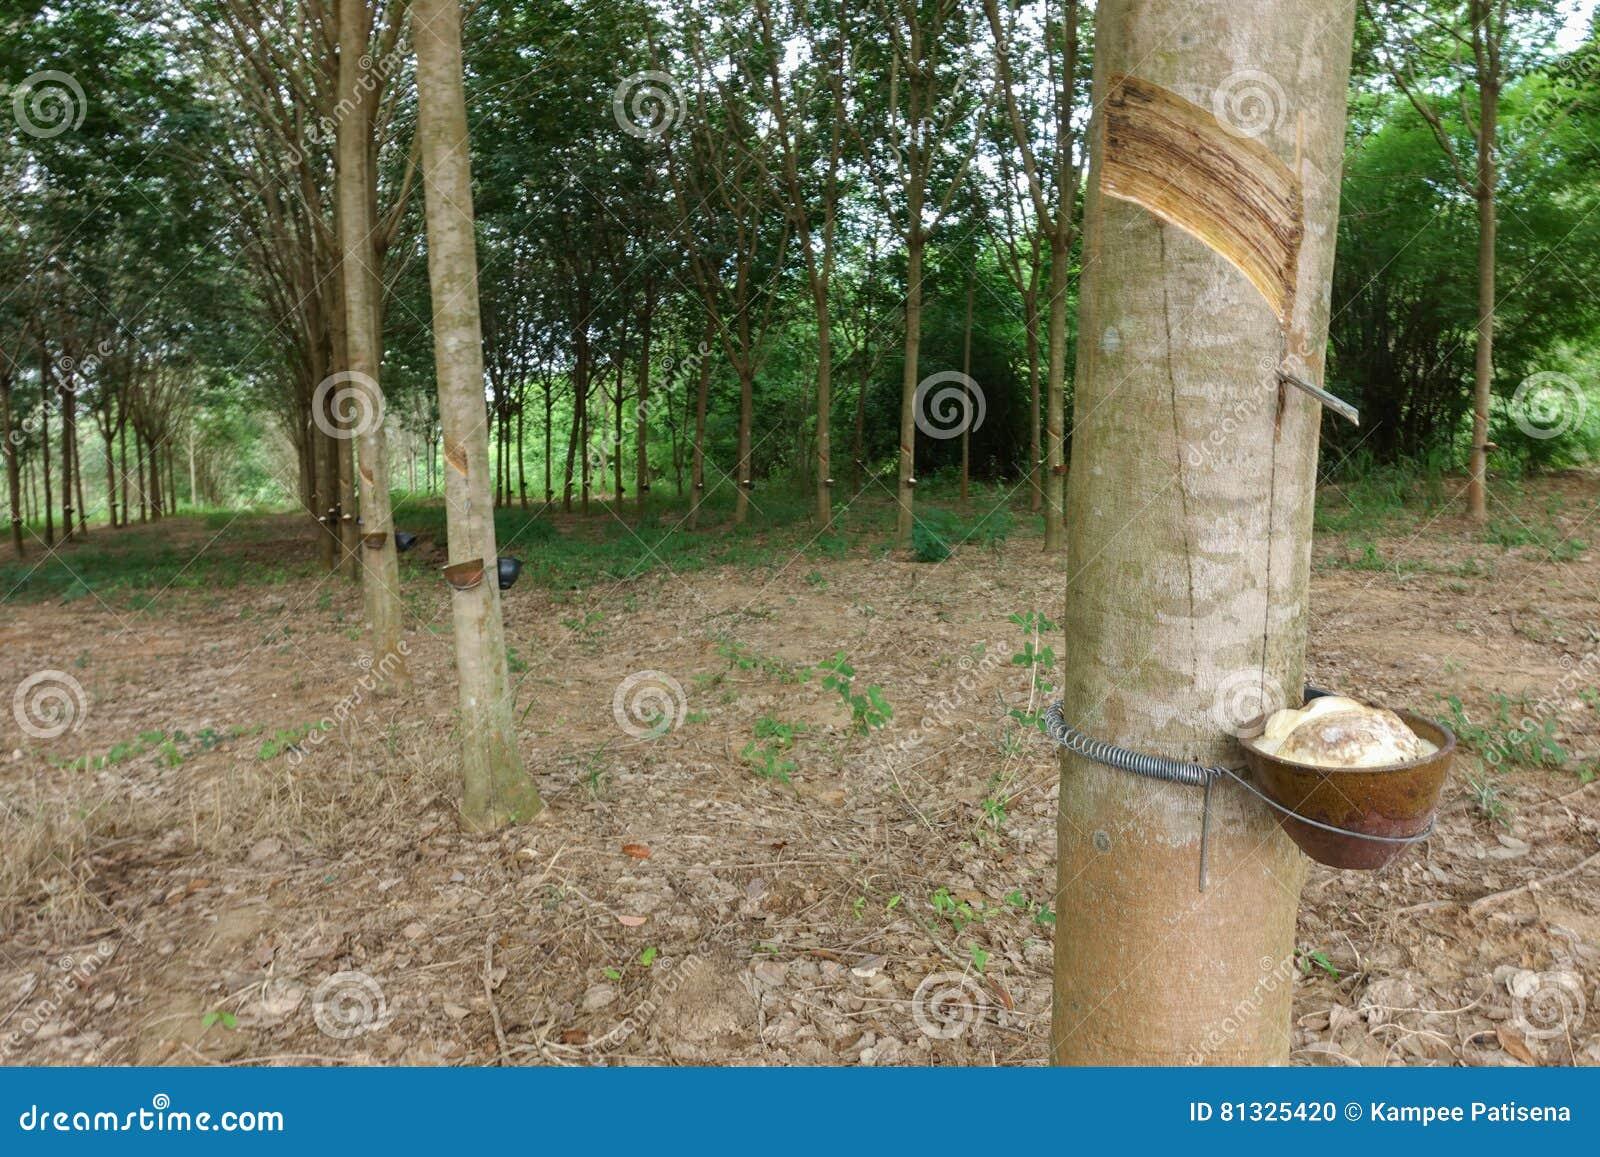 Látex leitoso extraído da árvore da borracha como uma fonte de ru natural